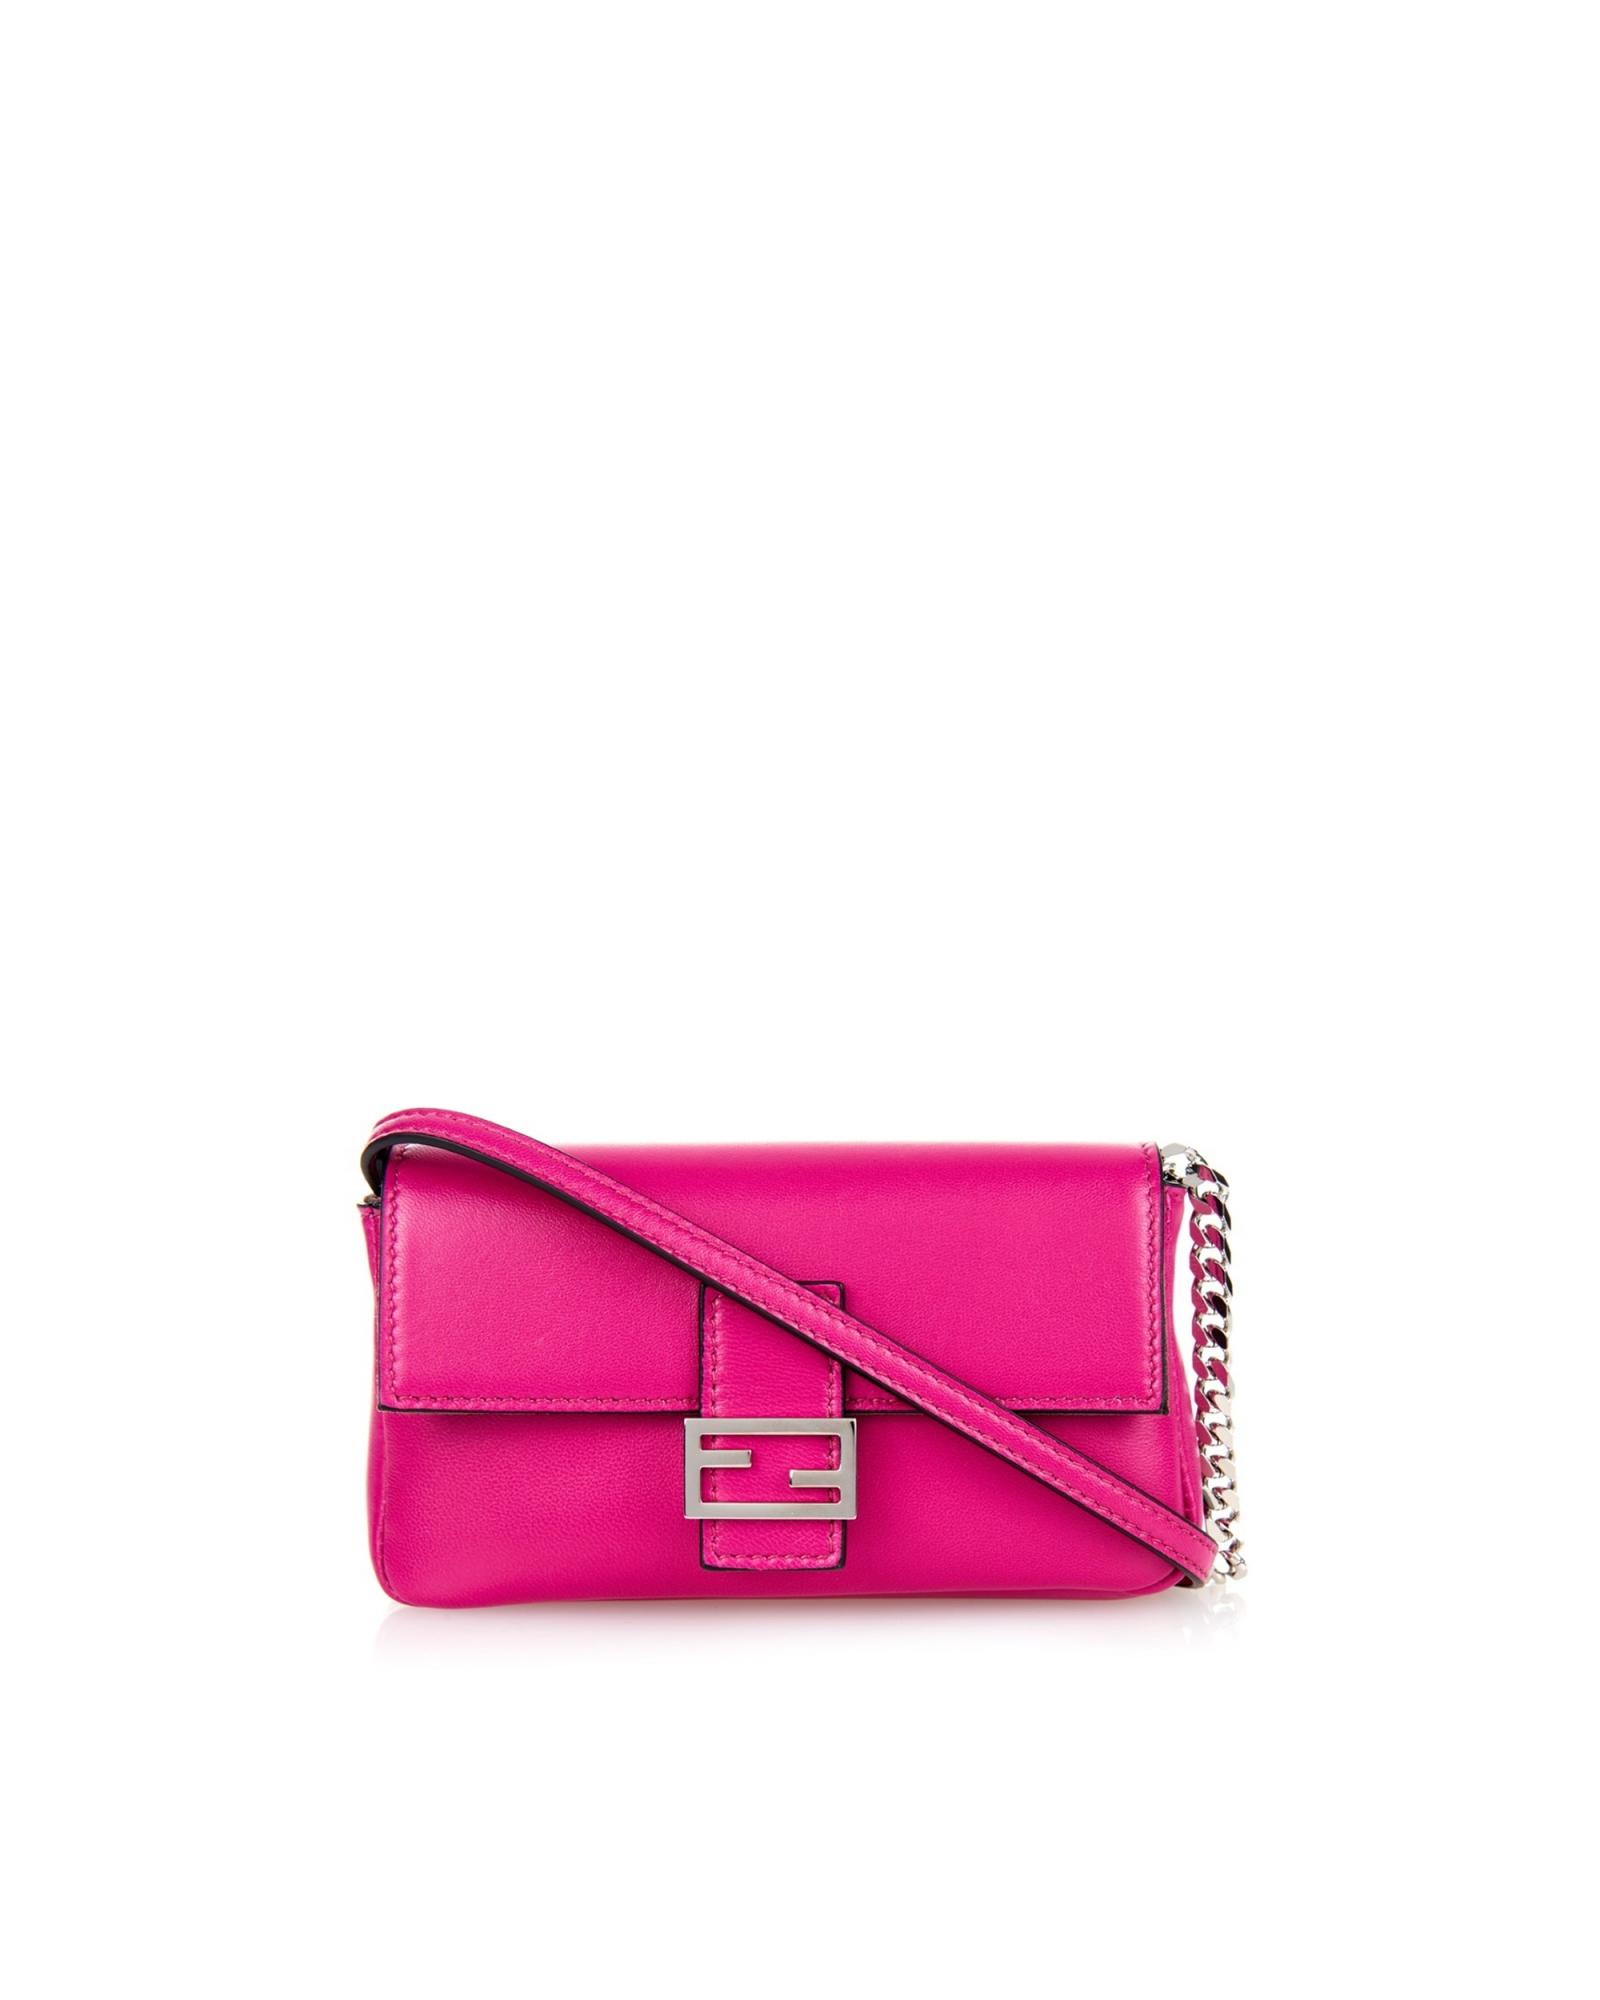 19ecd925da92 Fendi Pink Micro Baguette Bag